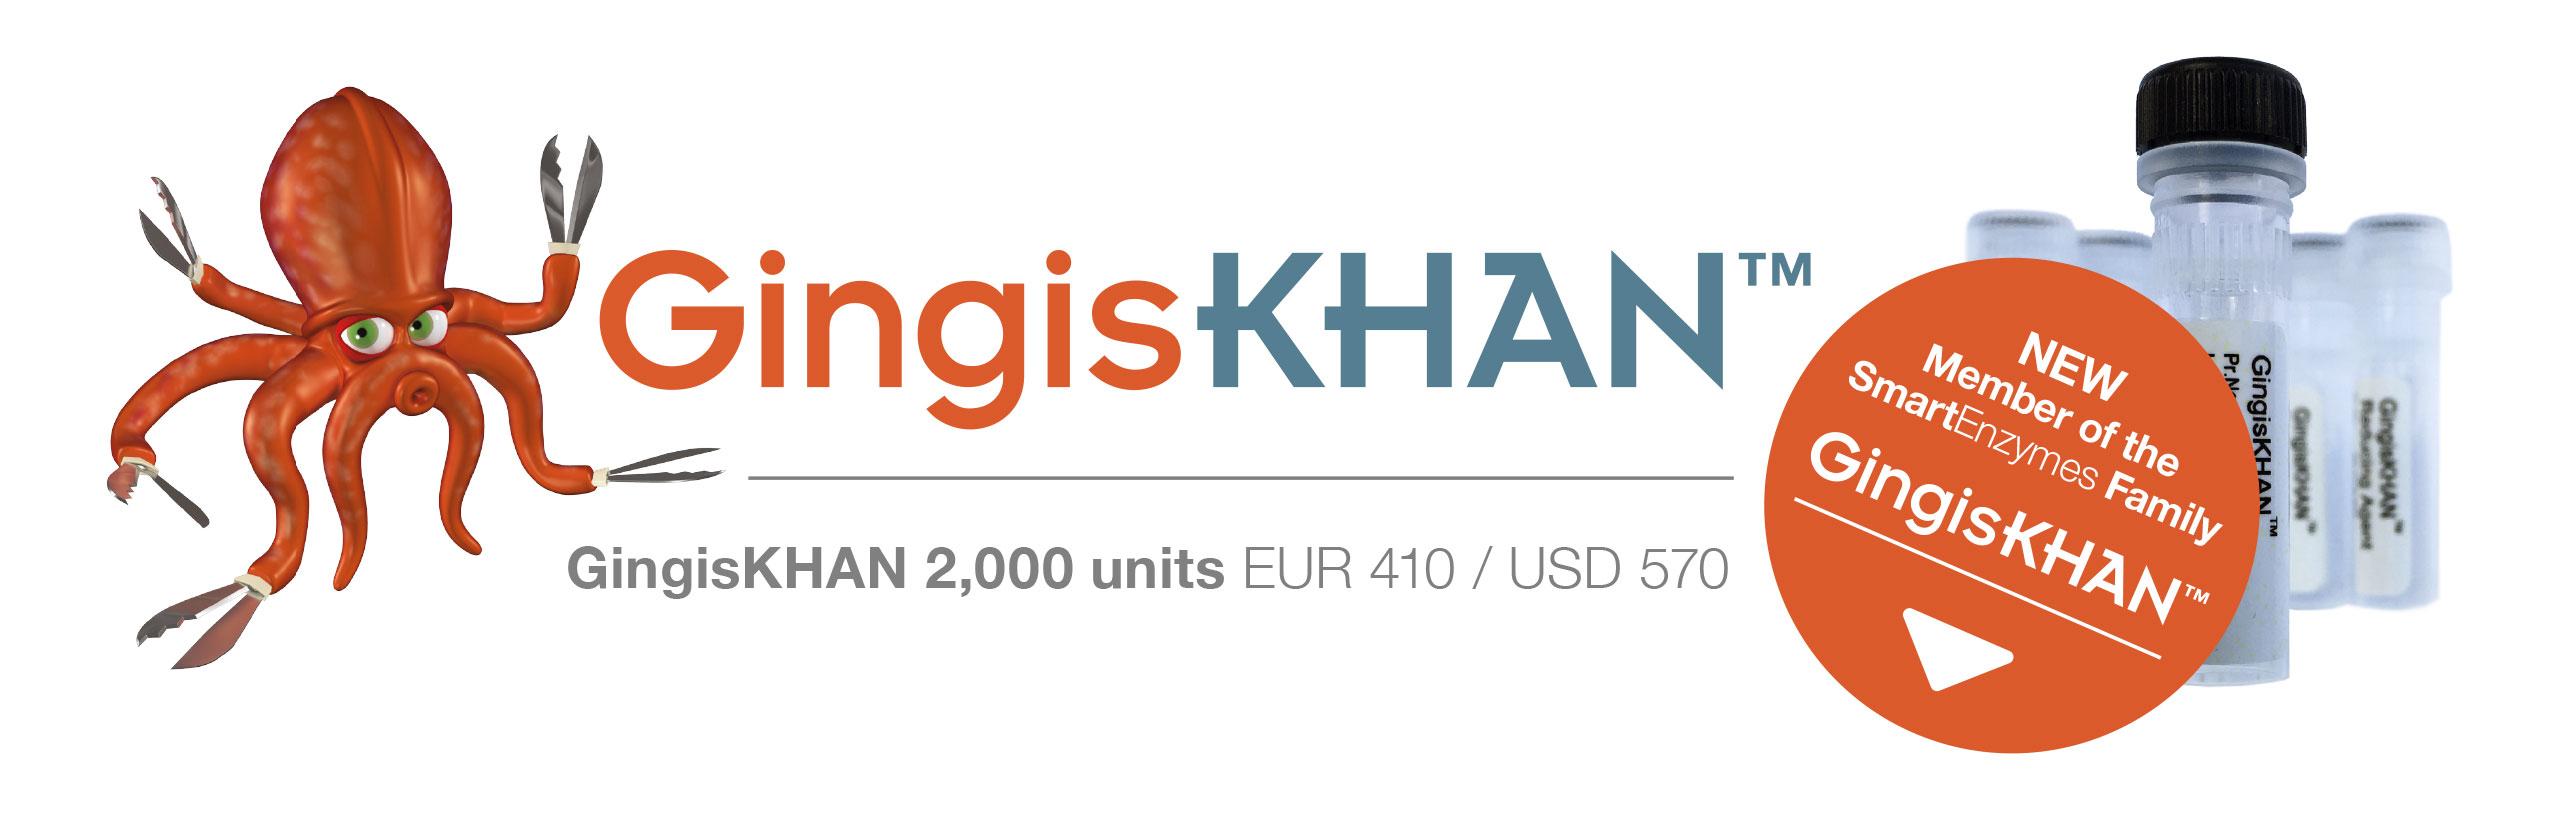 GingisKHAN_Banner_2560px